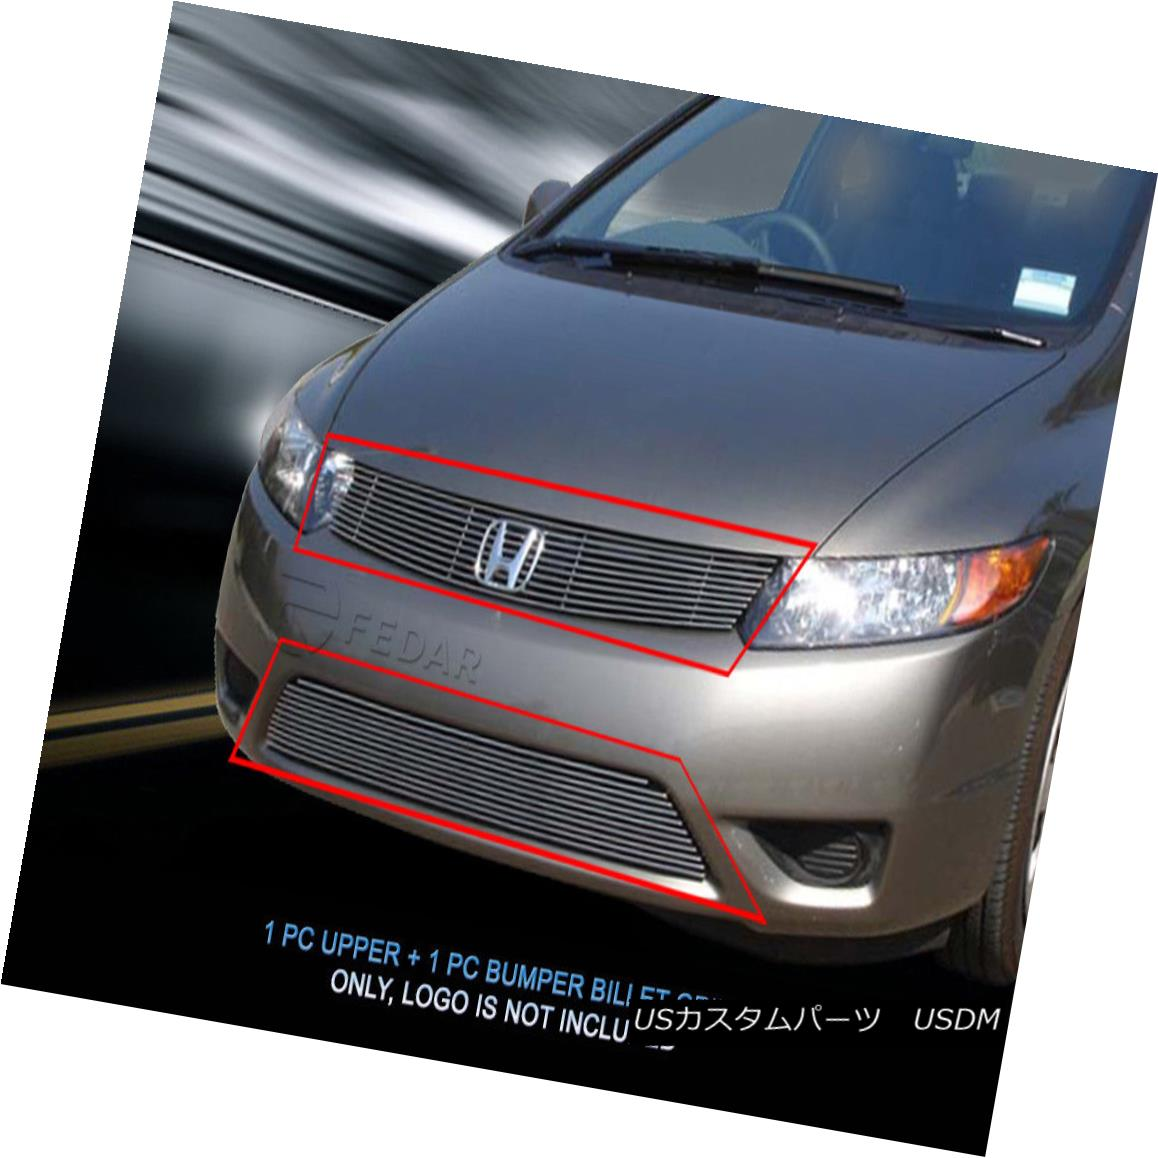 グリル 06-07 Honda Accord Coupe Billet Grille Grill Combo Insert Fedar 06-07ホンダアコードクーペビレットグリルグリルコンボインサートFedar